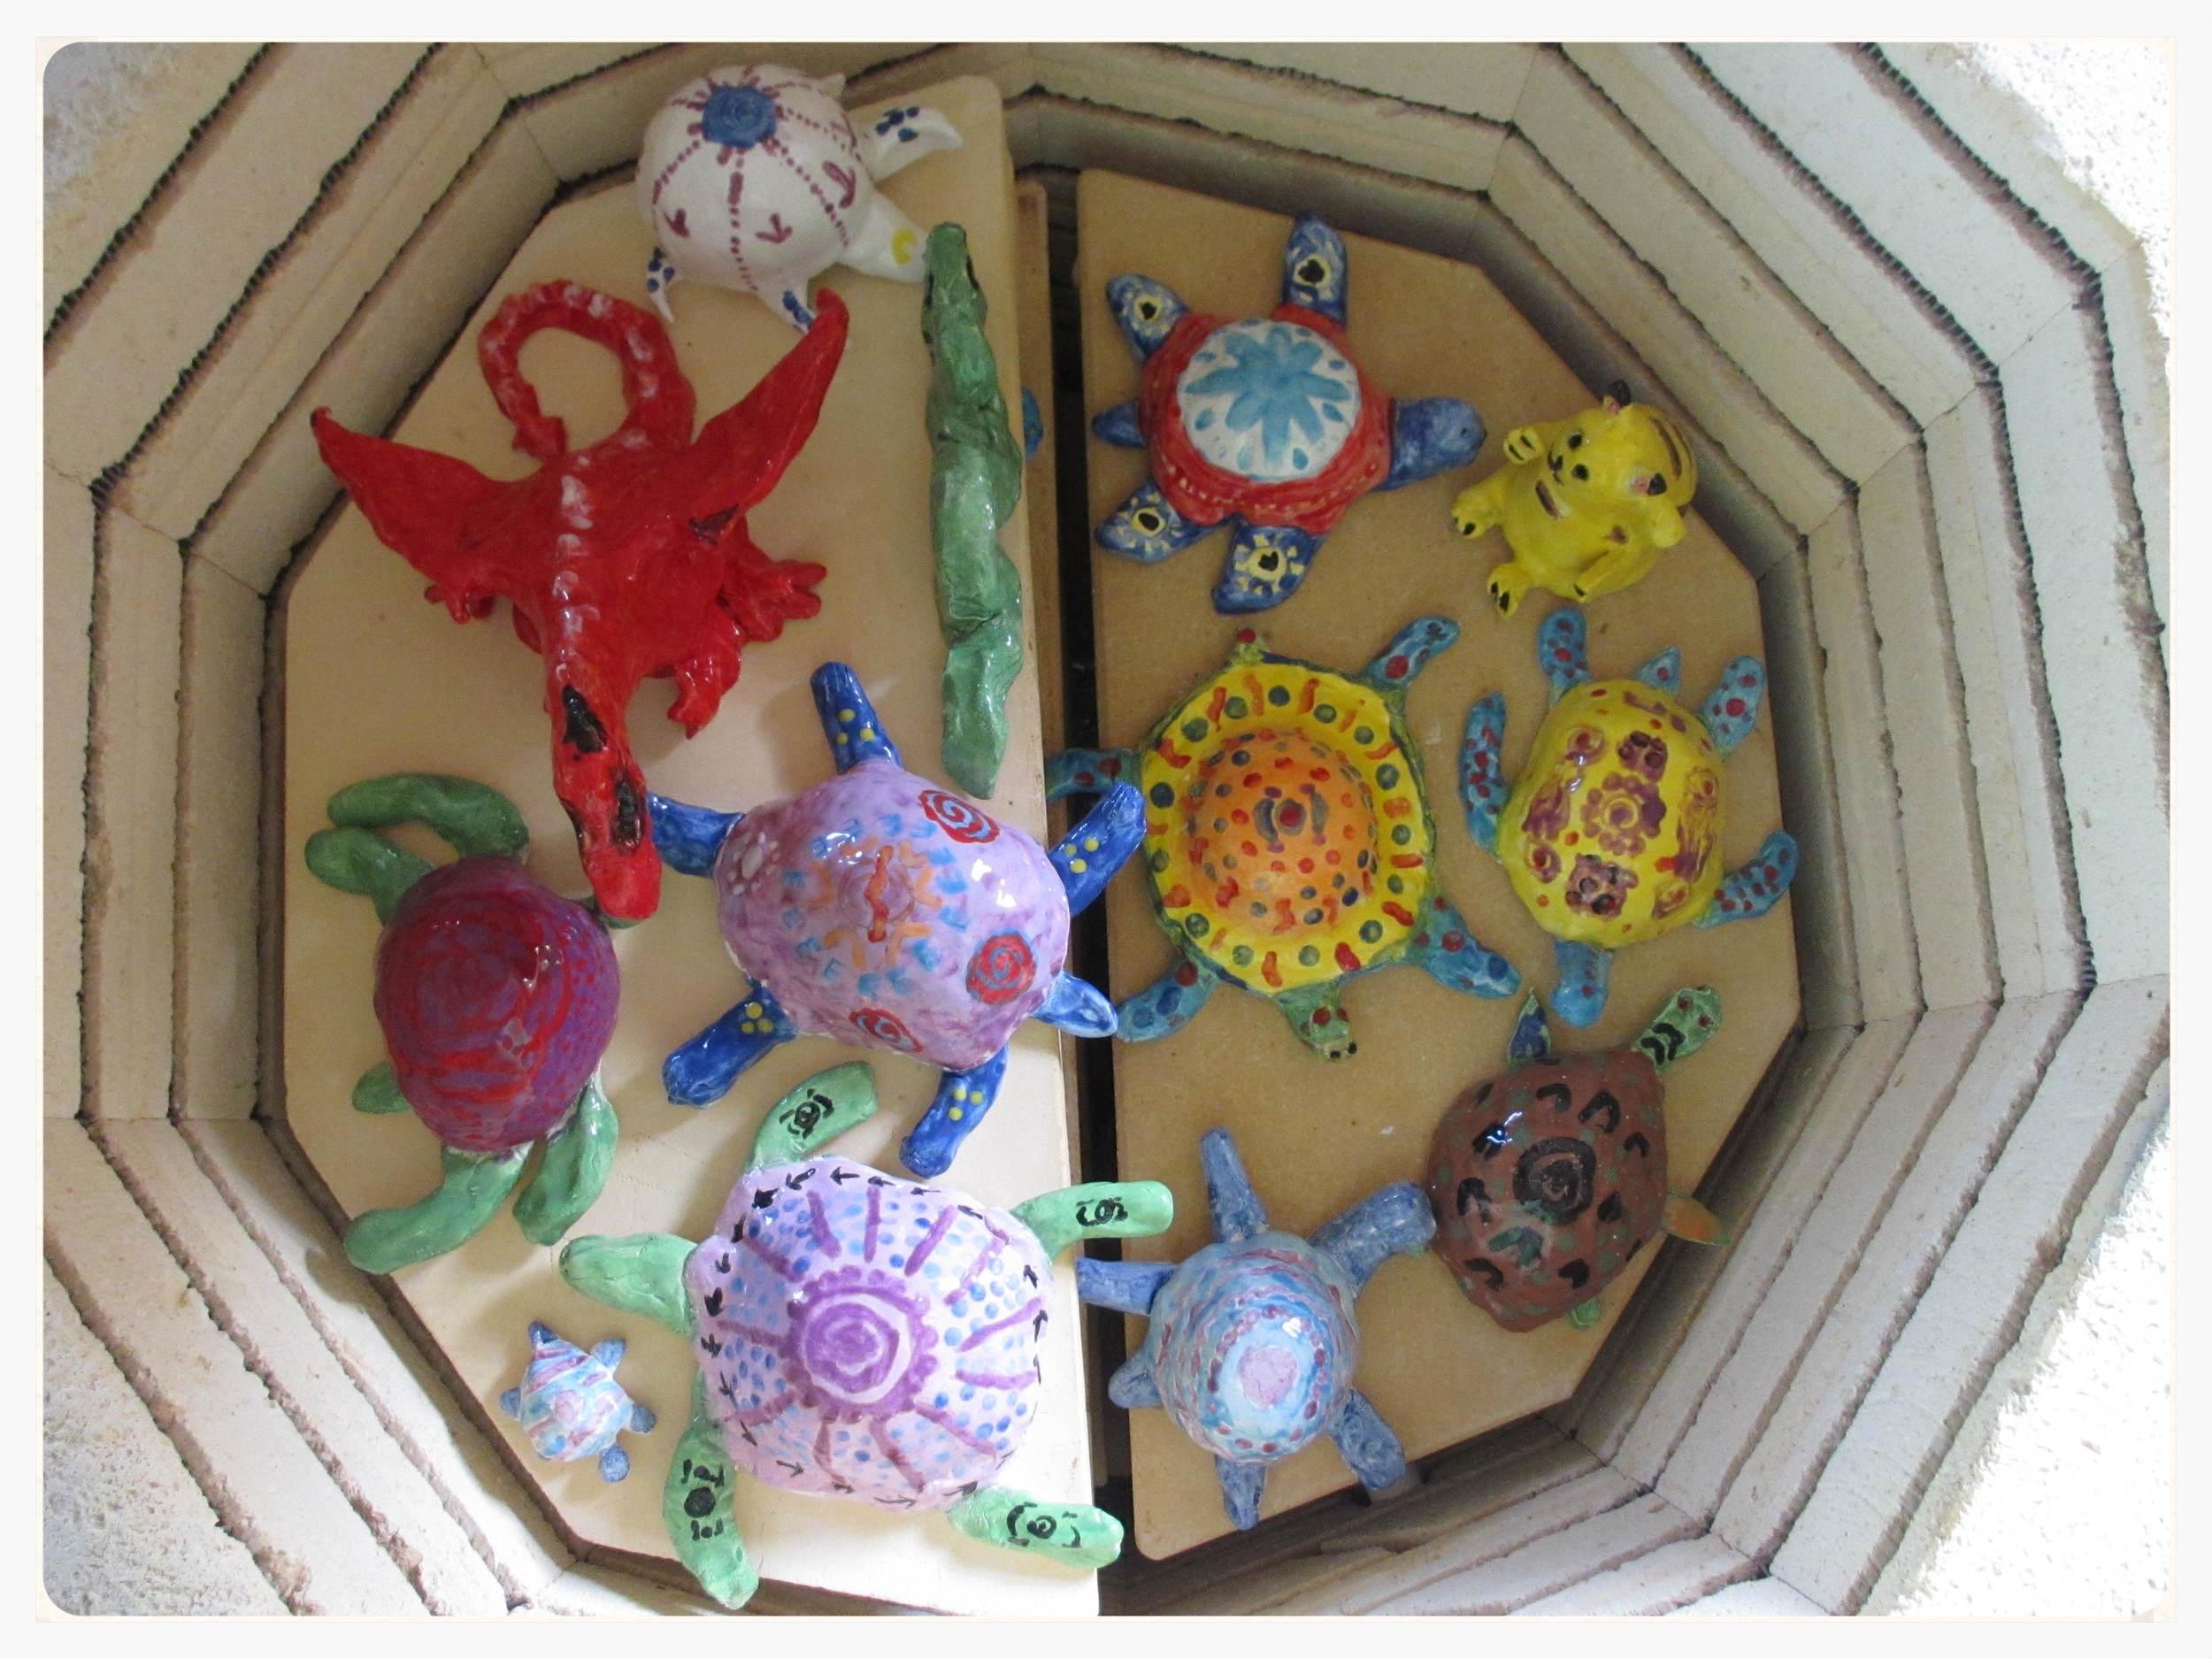 A look inside the kiln.